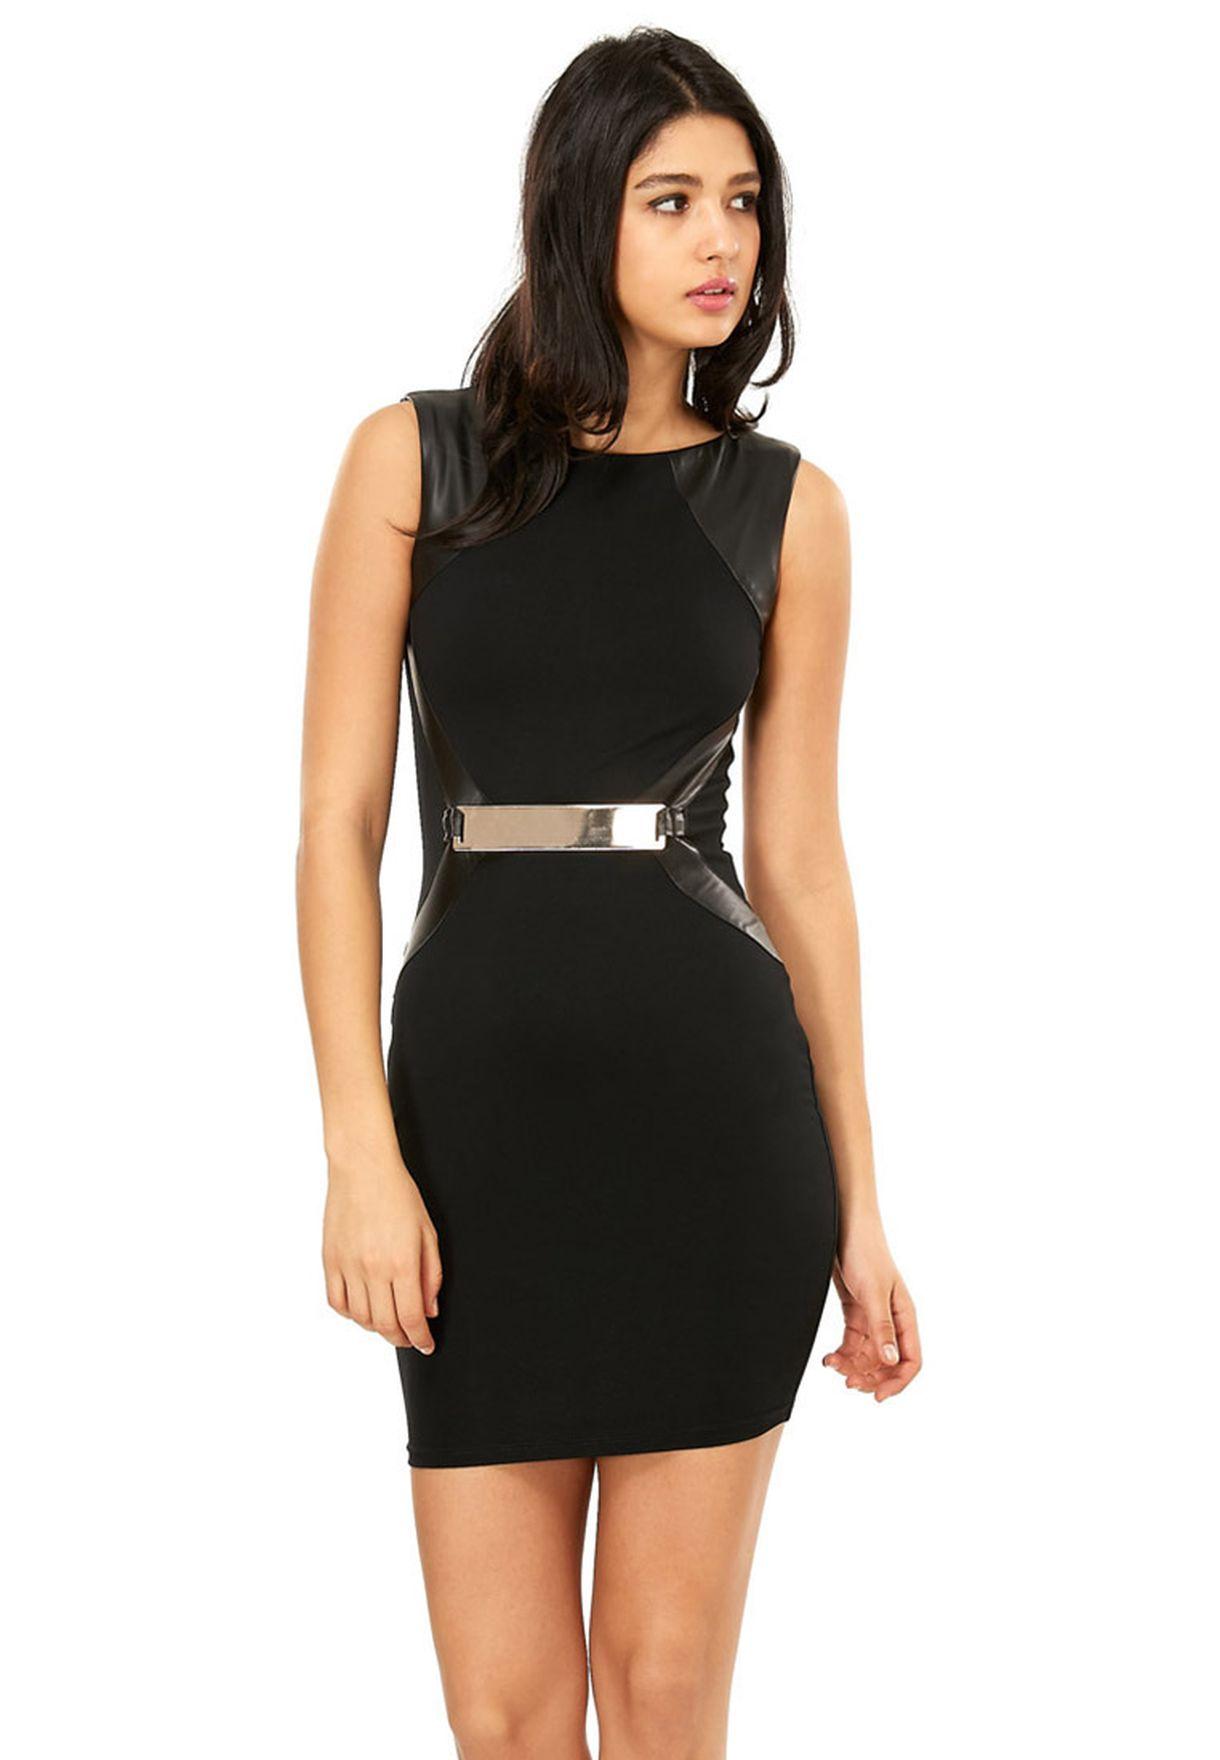 c8f43f1f4249a تسوق فستان بحزام على الخصر ماركة اكس باريس لون أسود في قطر ...